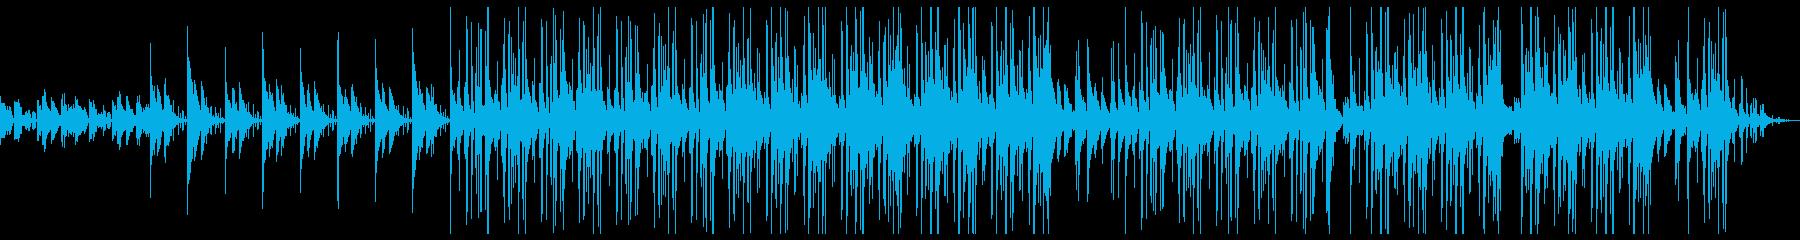 切ない 後悔 ヒップホップ Trapの再生済みの波形